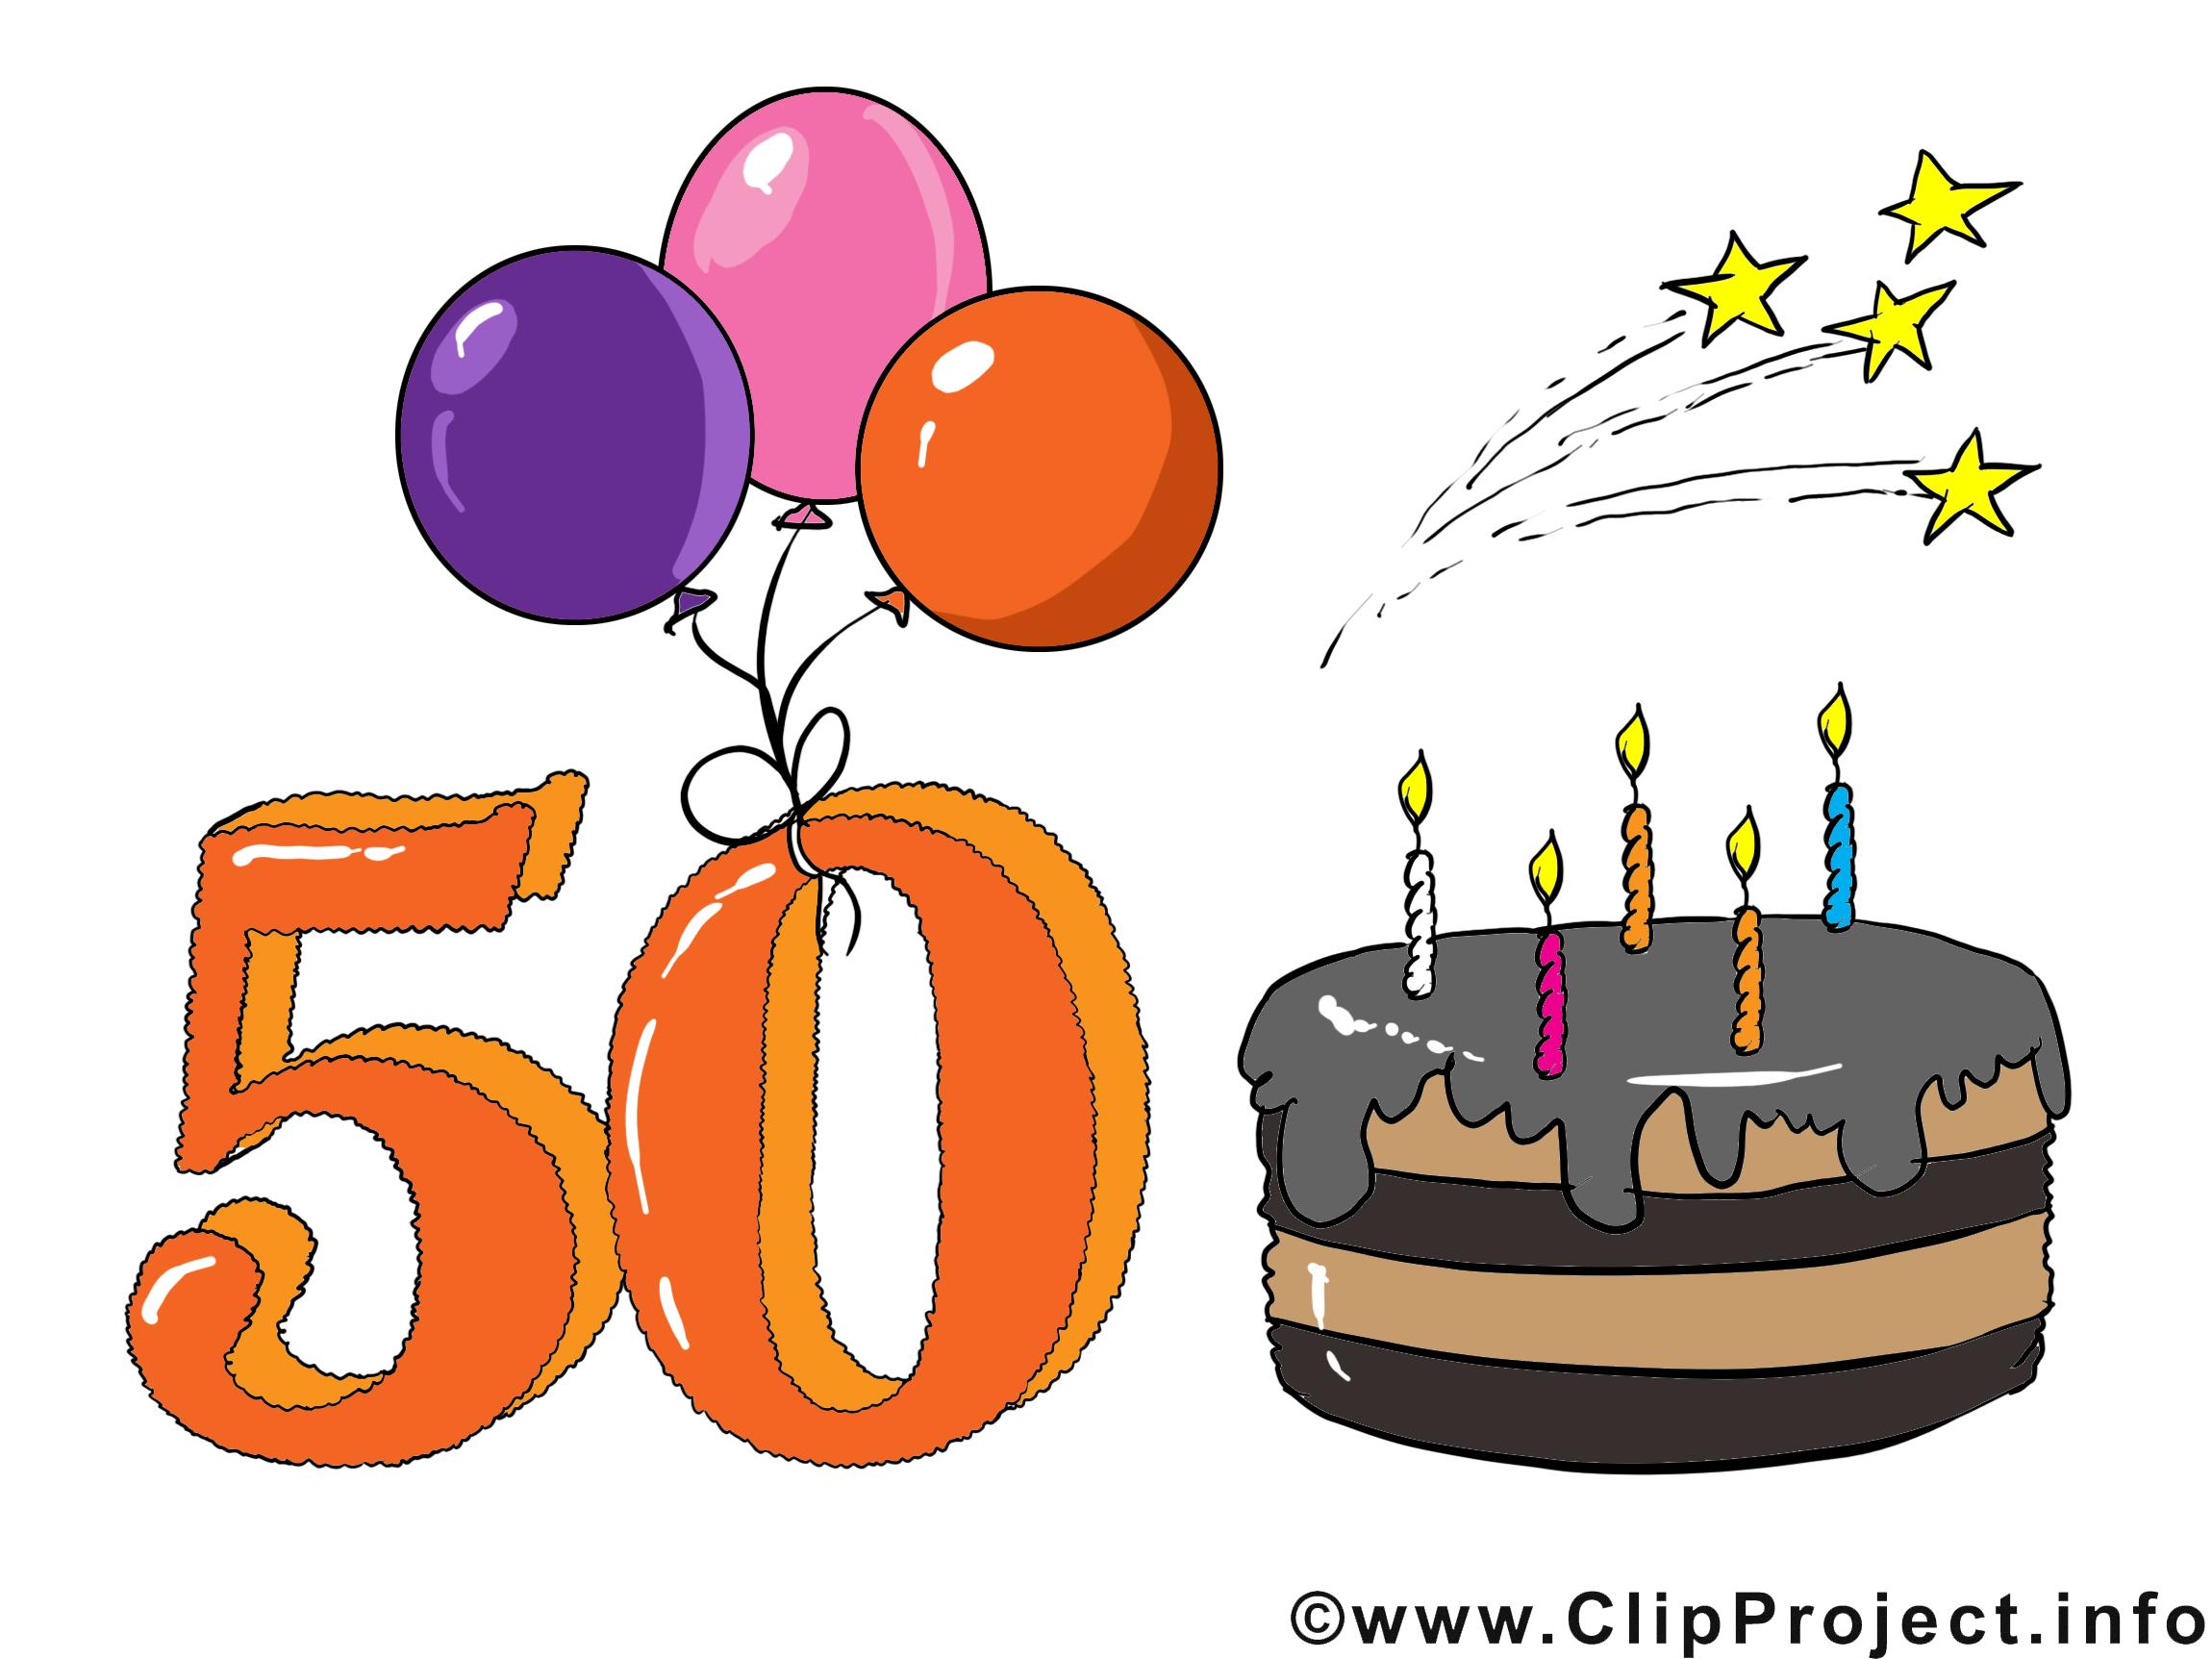 Clipart 50 geburtstag einladung graphic freeuse library Clipart 50. geburtstag einladung - ClipartFest graphic freeuse library